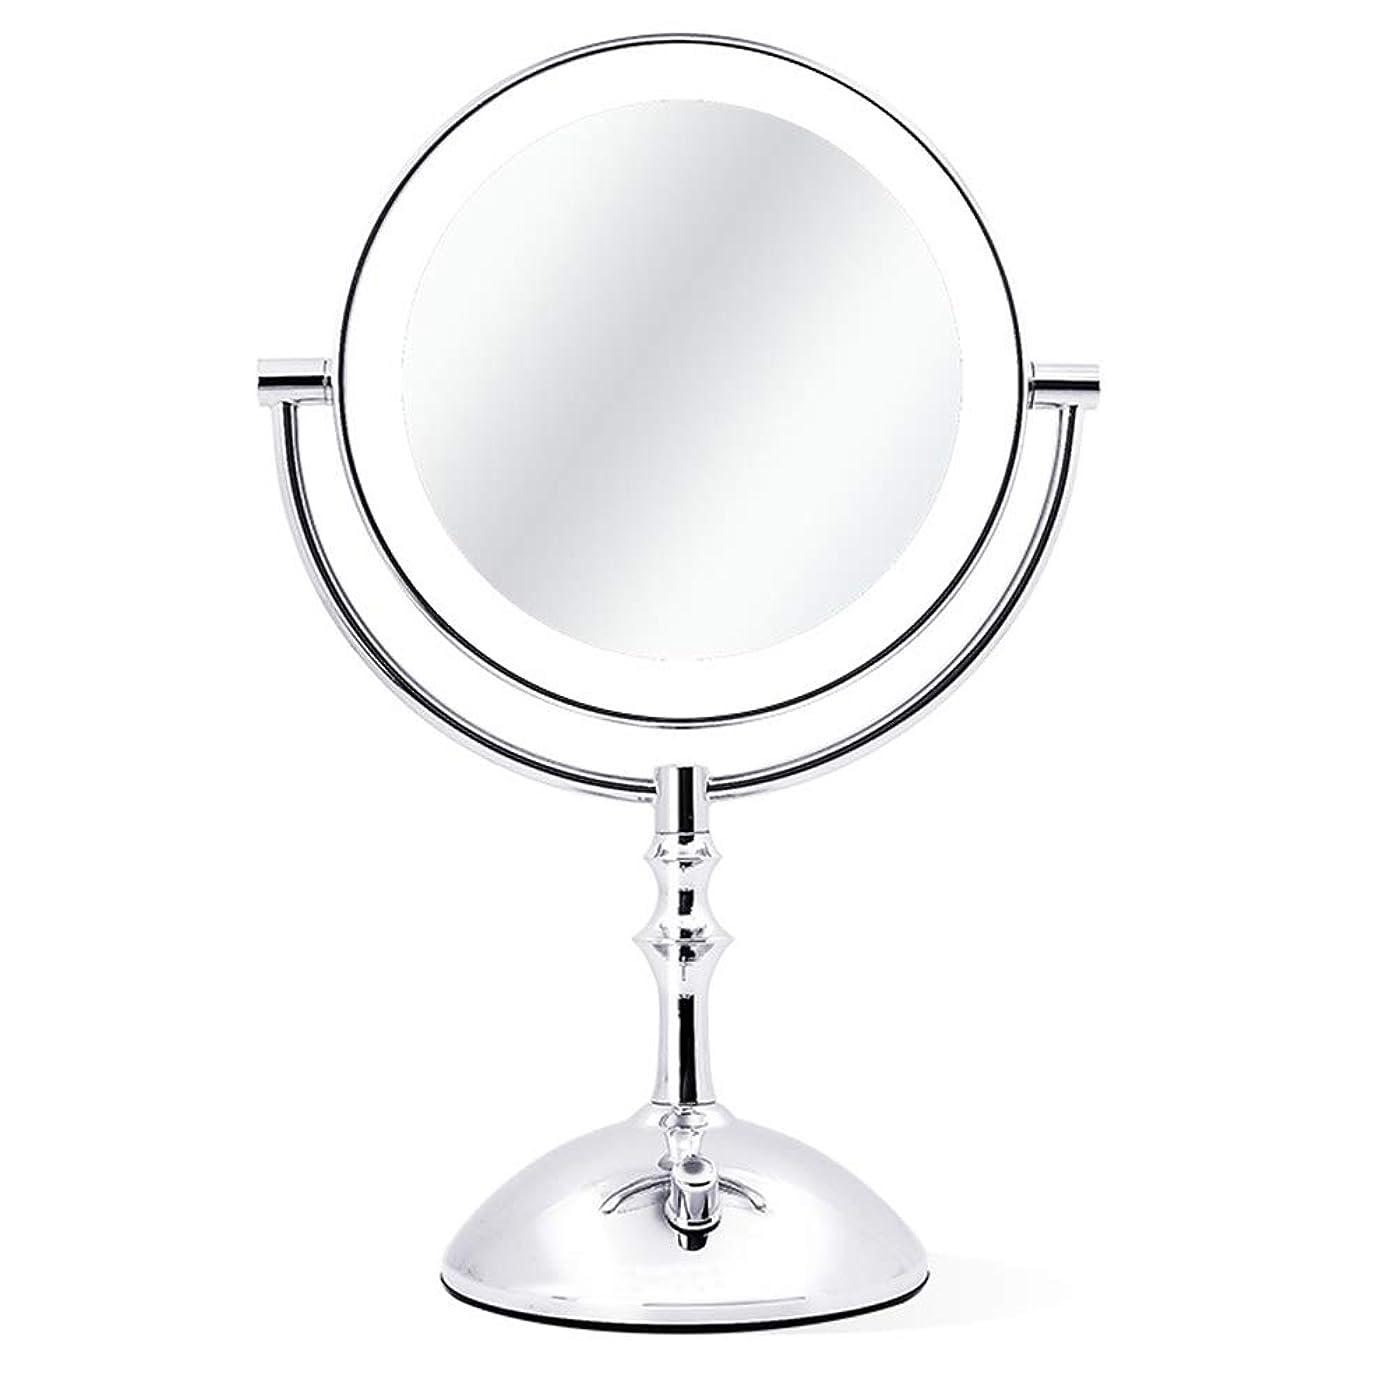 スポット盲目ベーシックLED化粧鏡デスクトップライト化粧鏡プラグイン調光プリンセスミラー虚栄心鏡虚栄心ミラー